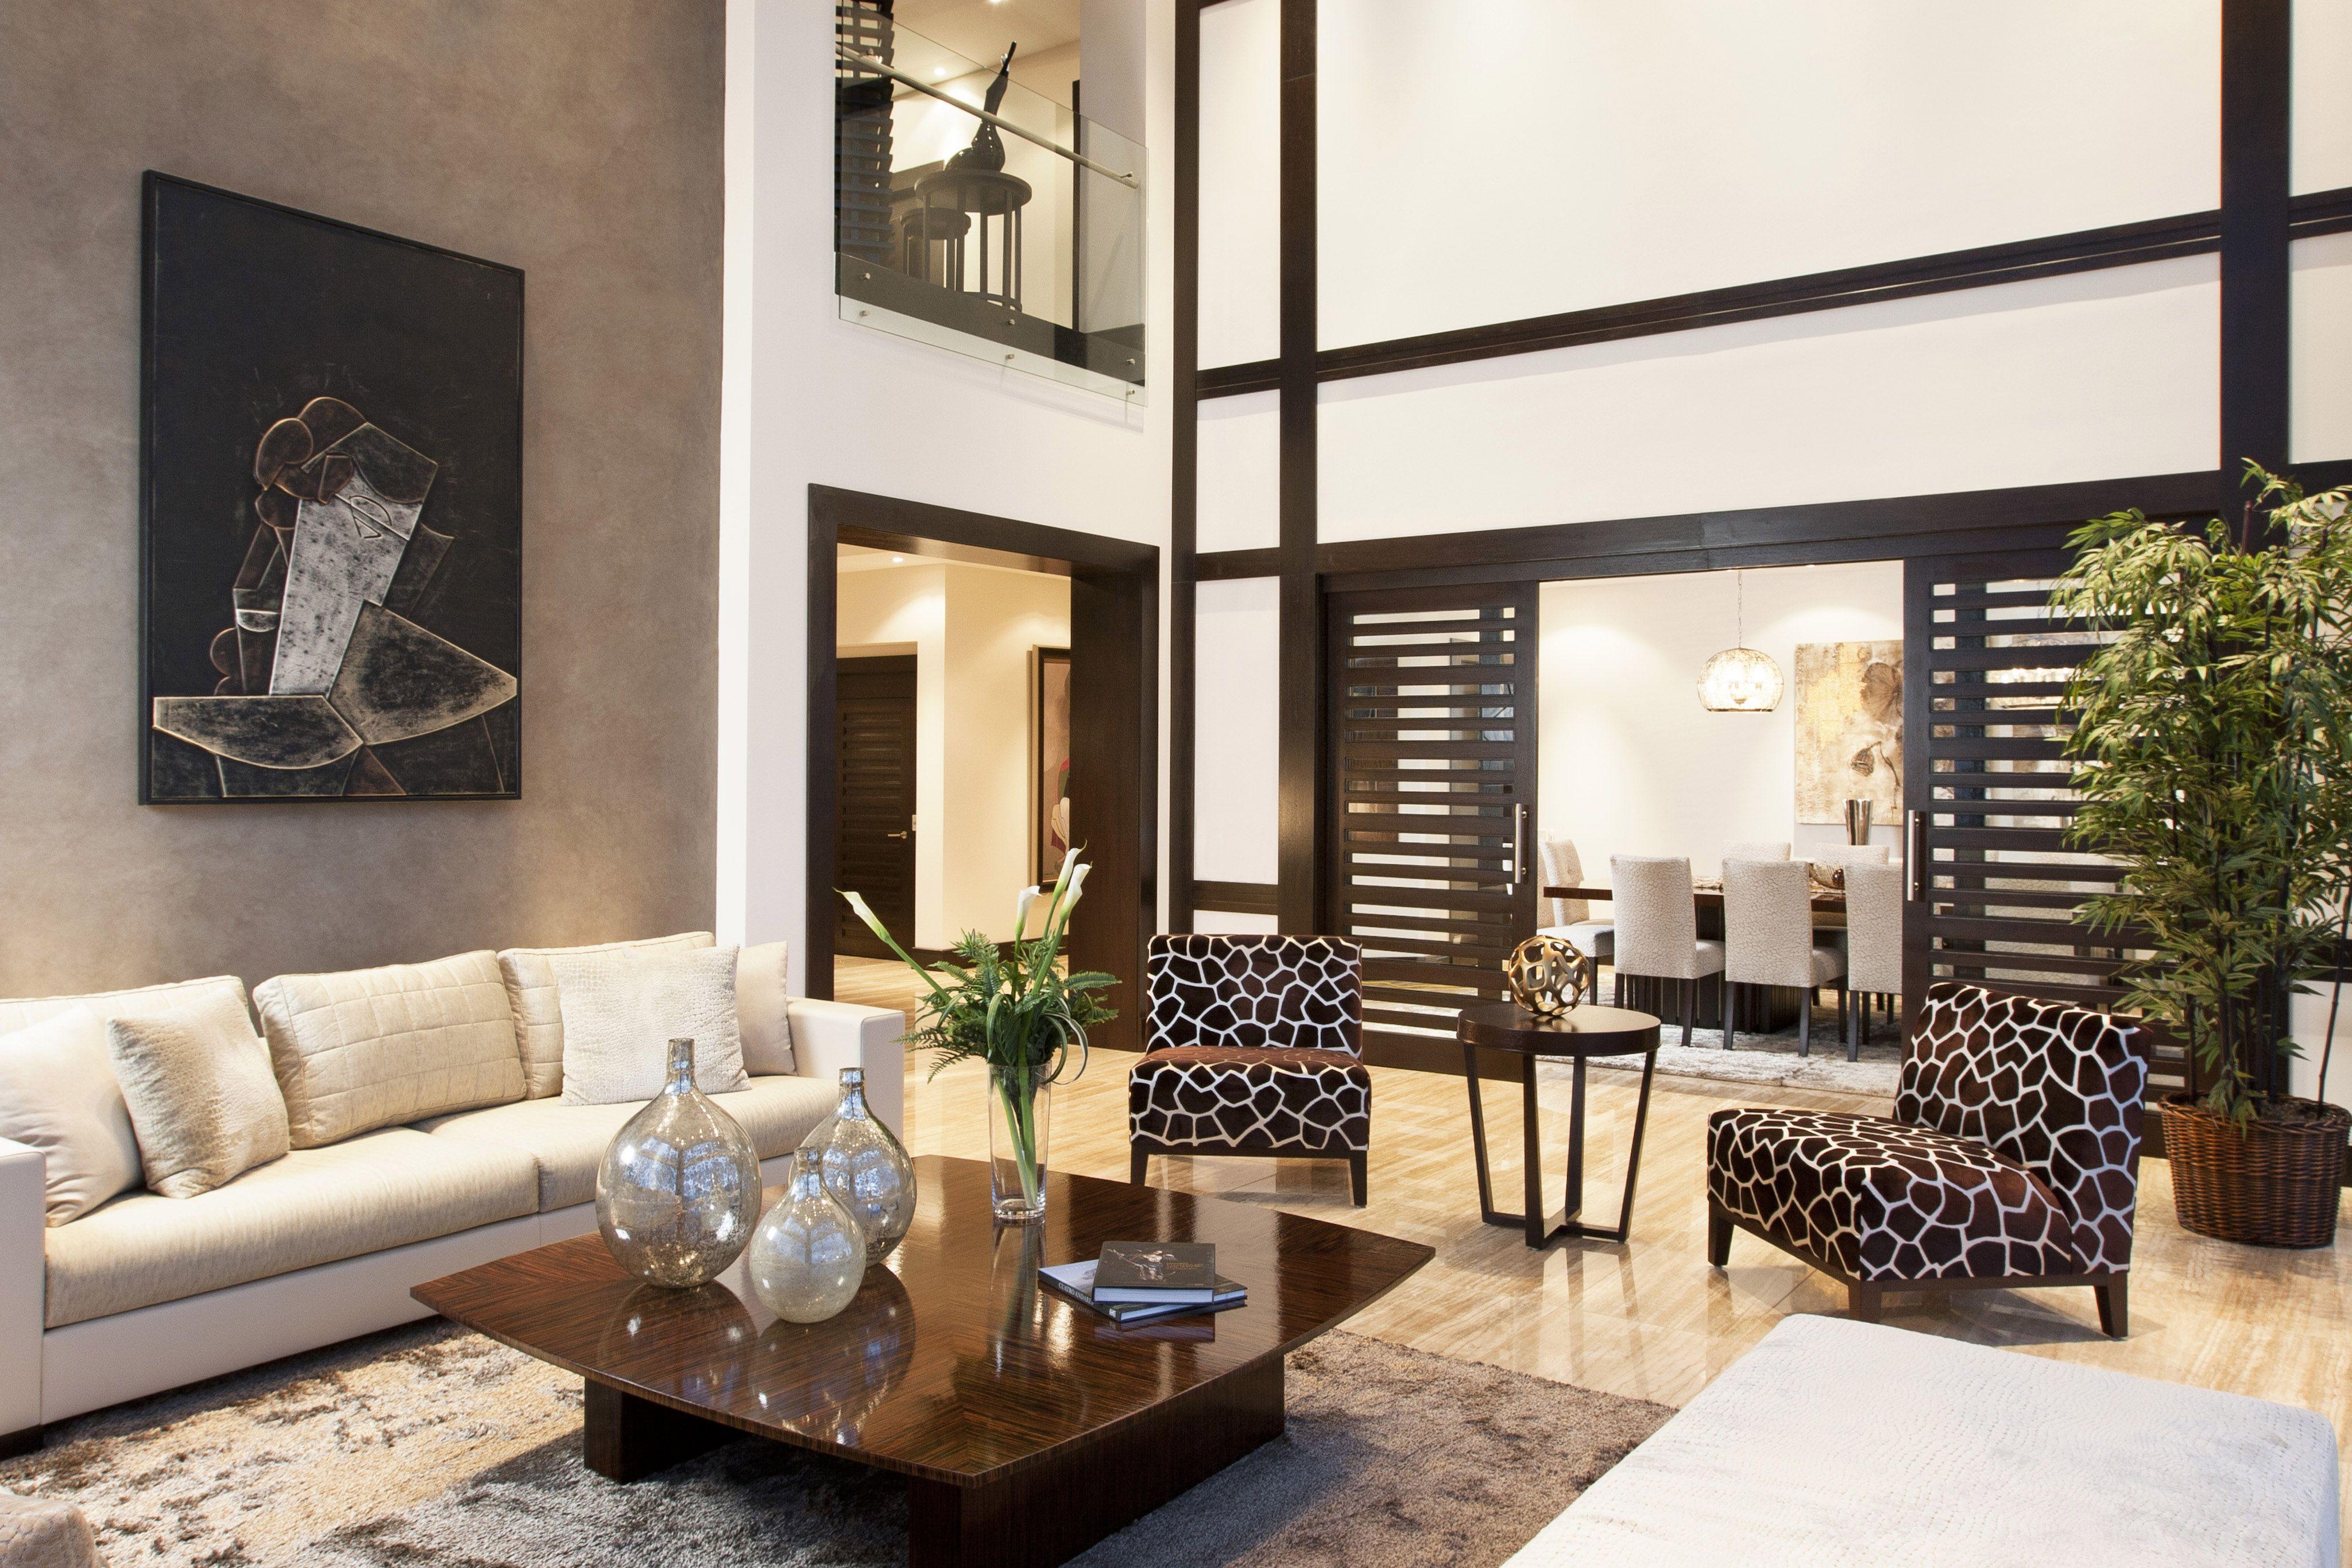 Charmant Residential Project By Adriana Hoyos   Perezalaya #livingroom  #interiordesign #hoyos